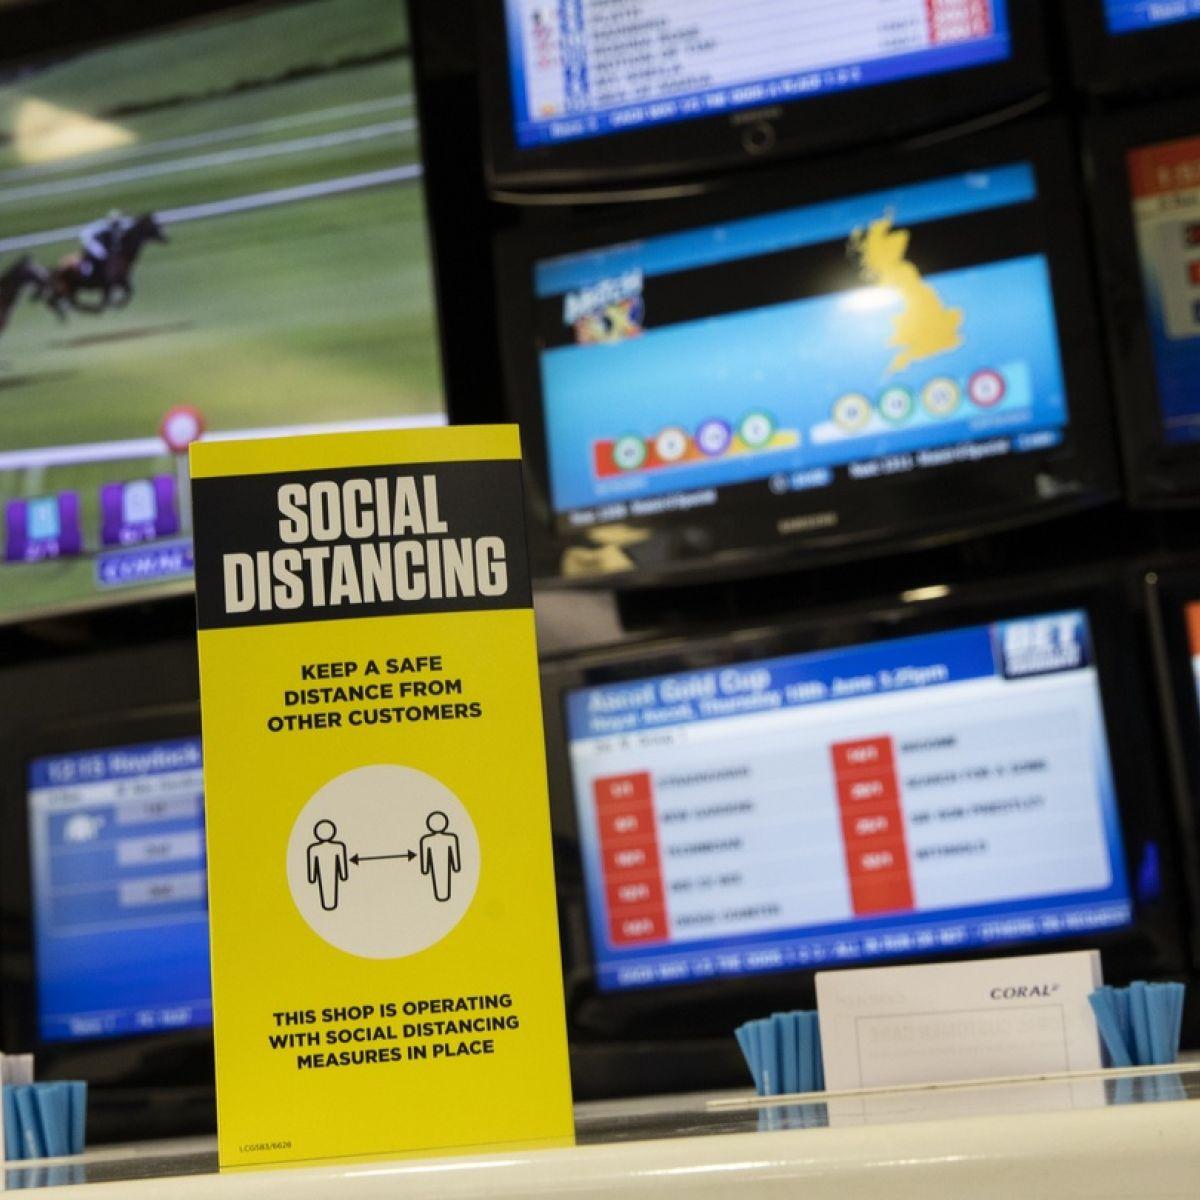 samvo betting shops ireland